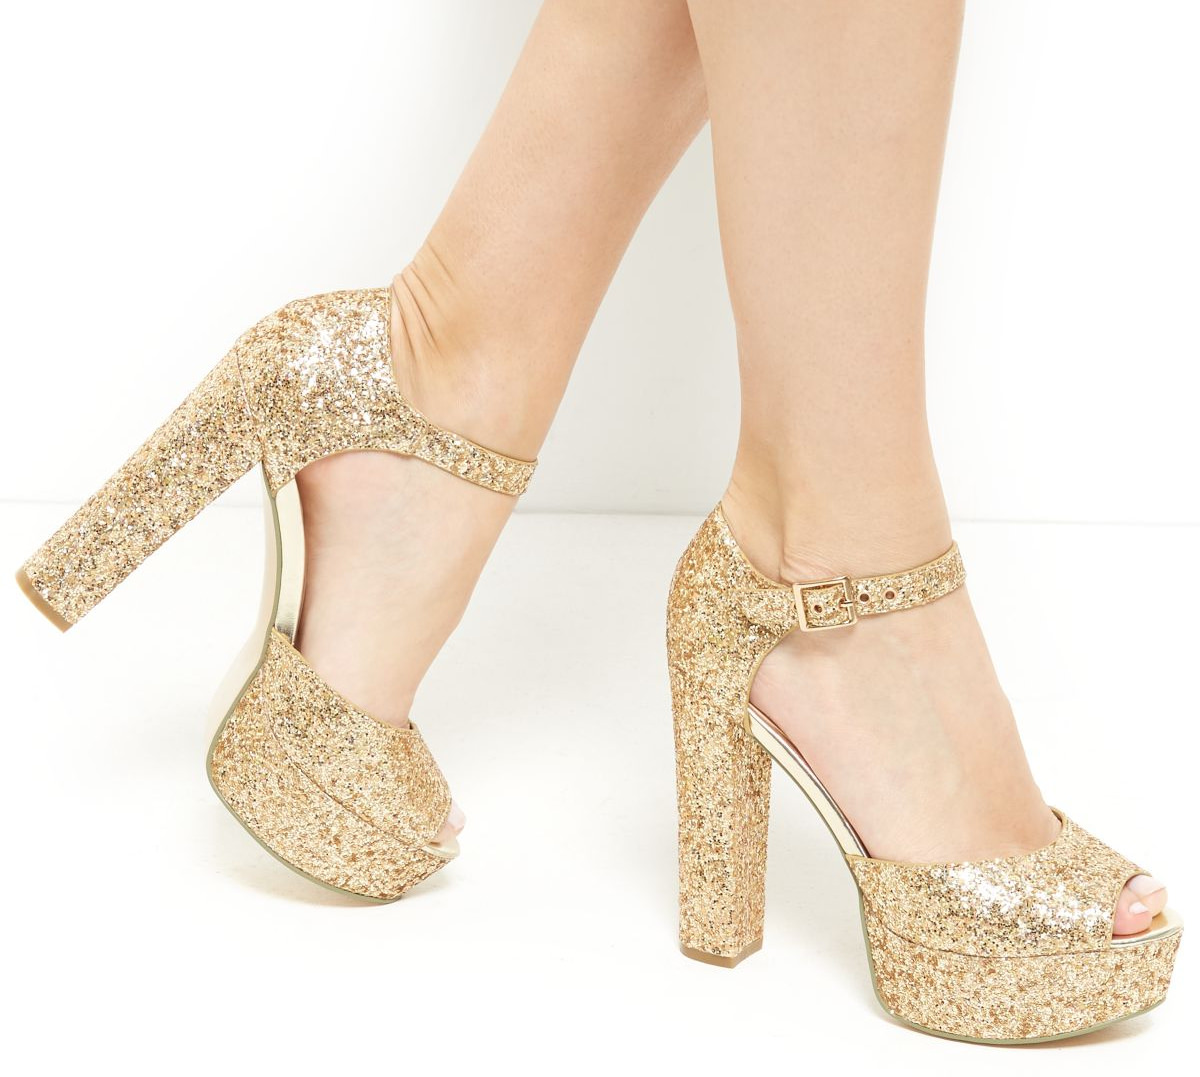 gold glitter ankle strap platform heels